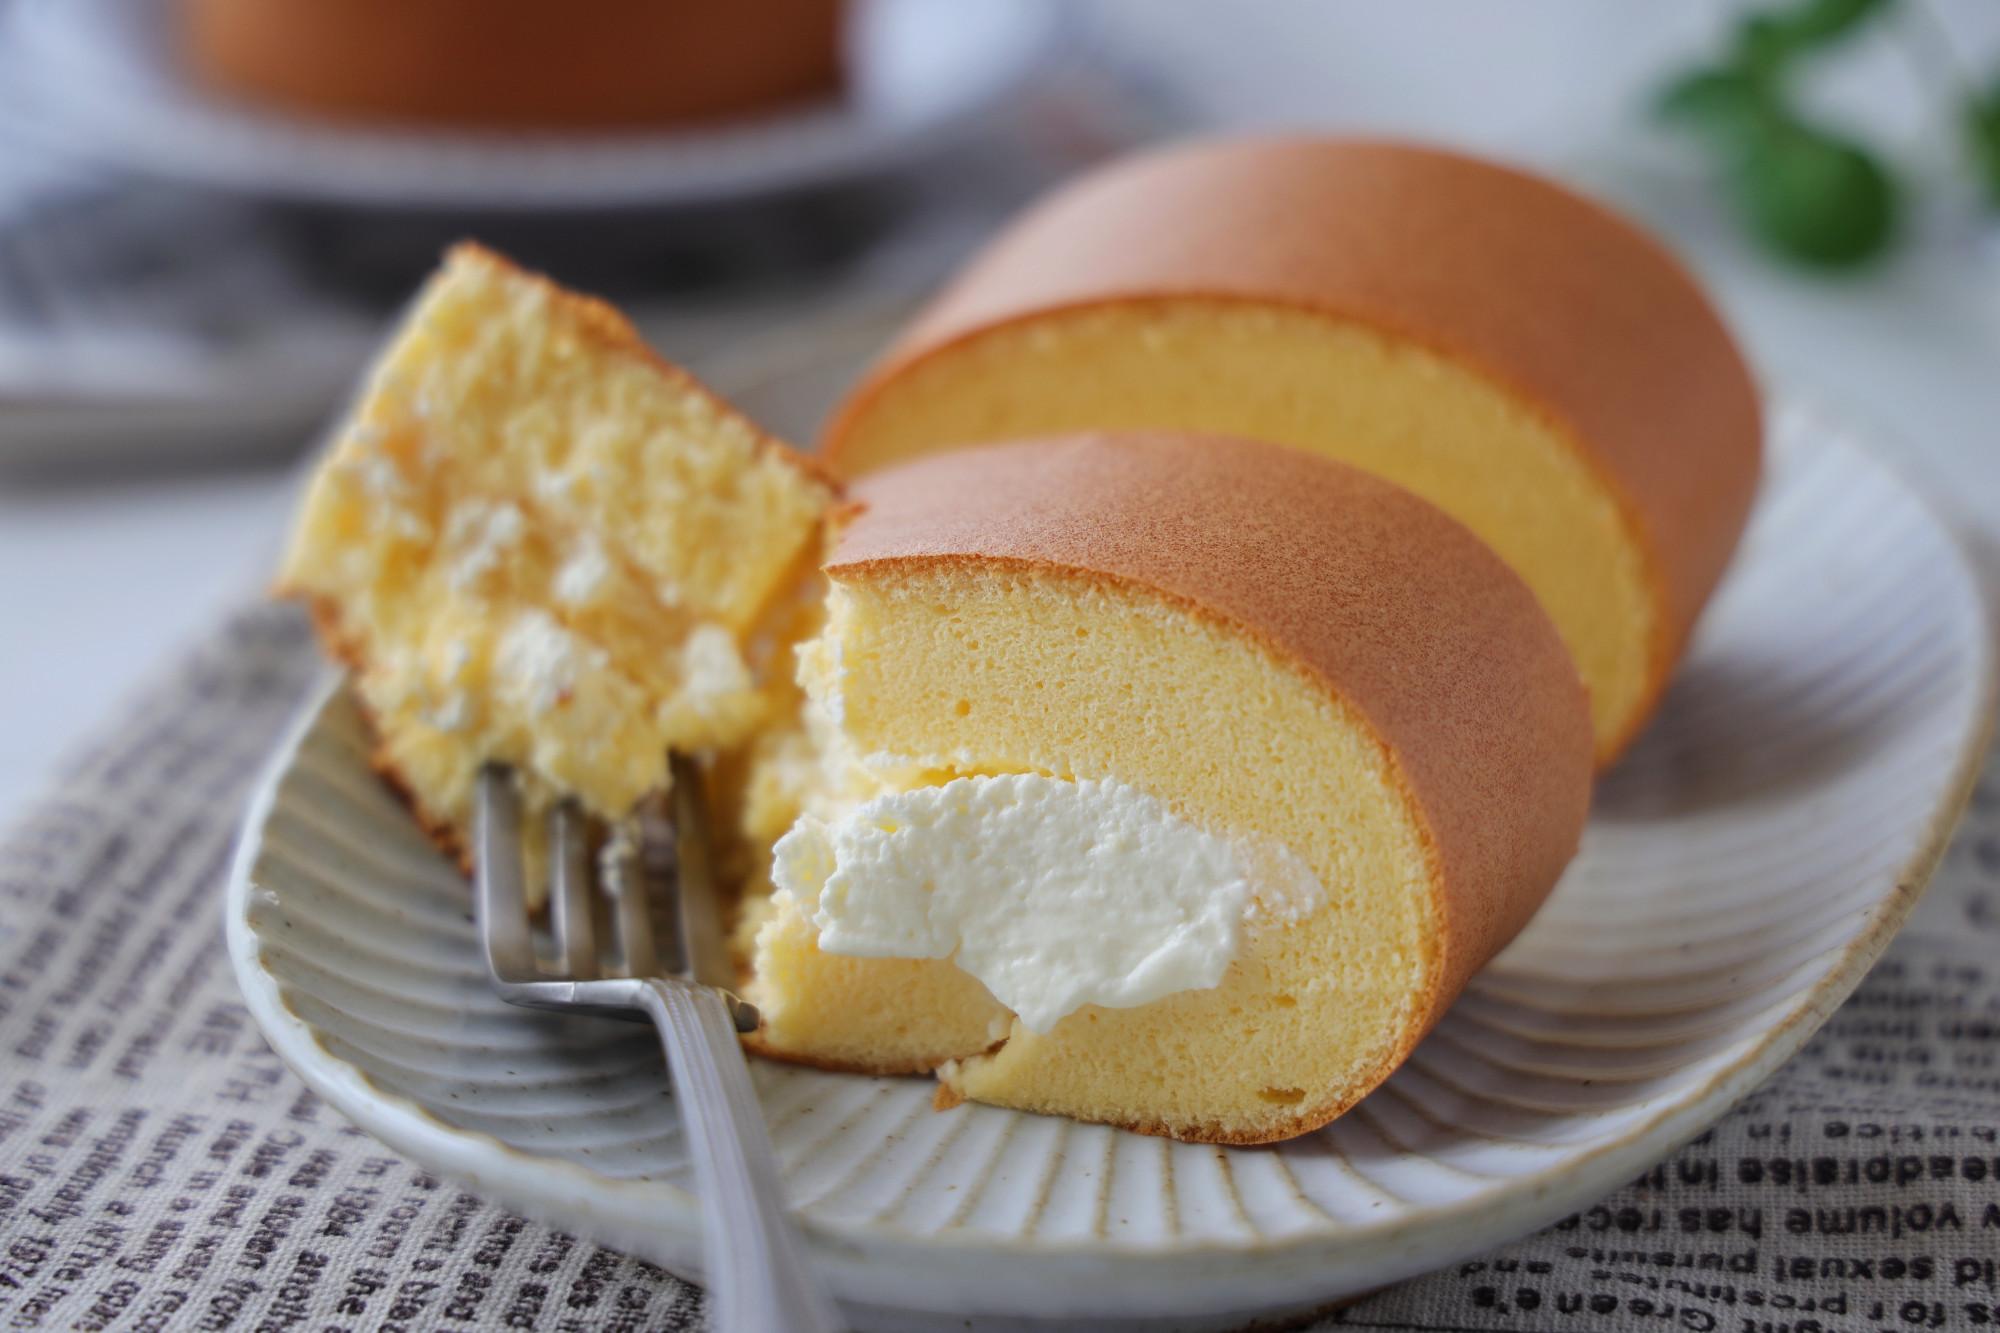 完美的蛋糕卷做法,綿軟細膩不開裂,比甜品店的更加美味又健康